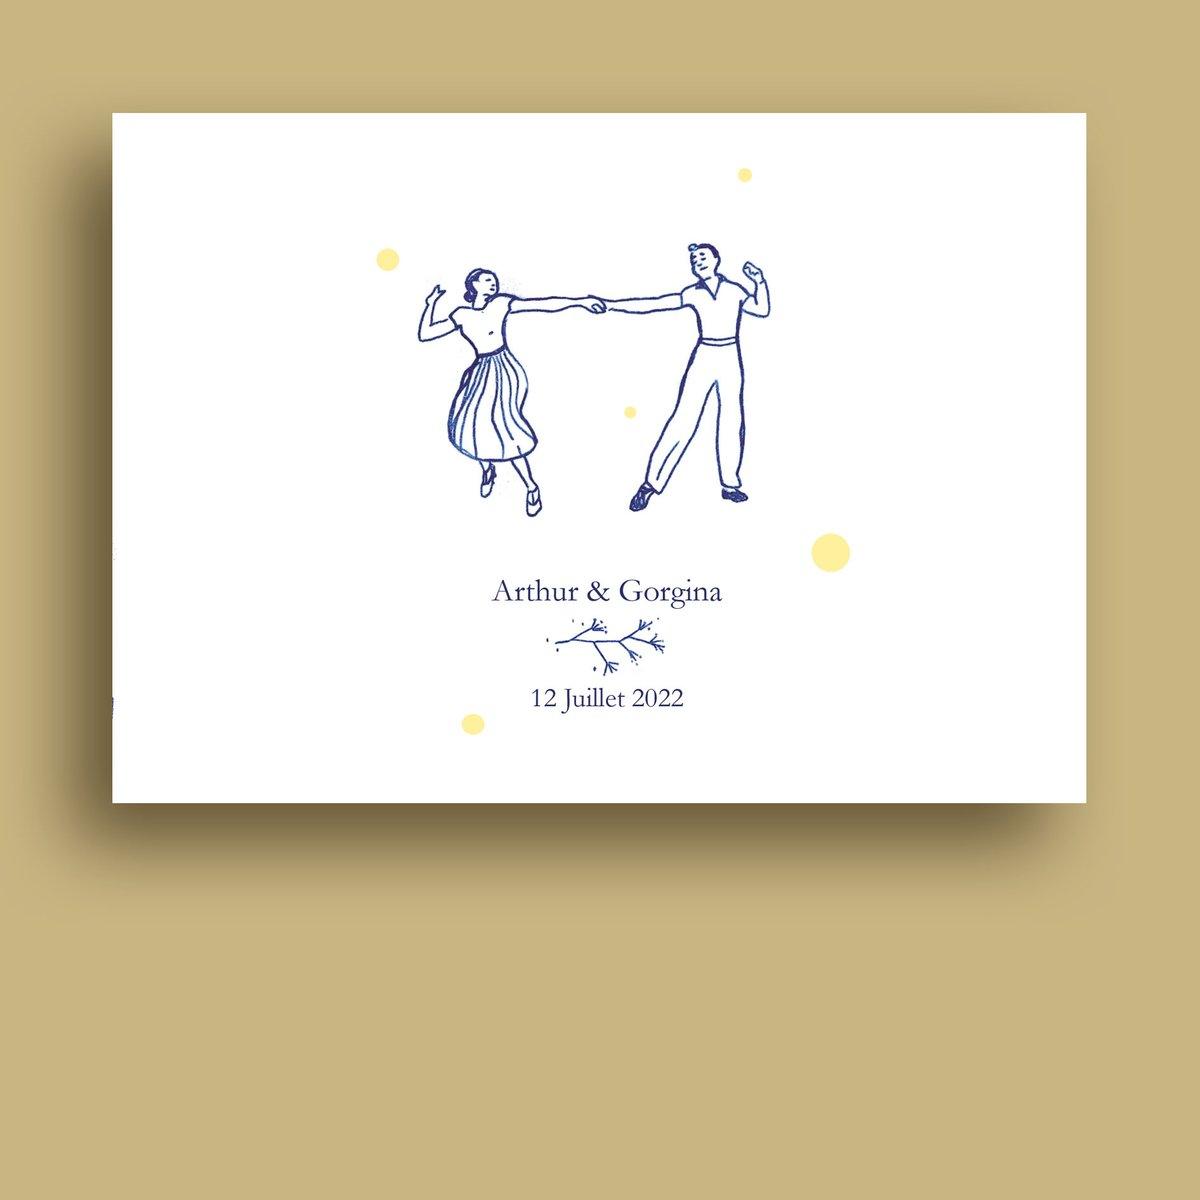 Astaire et Charisse